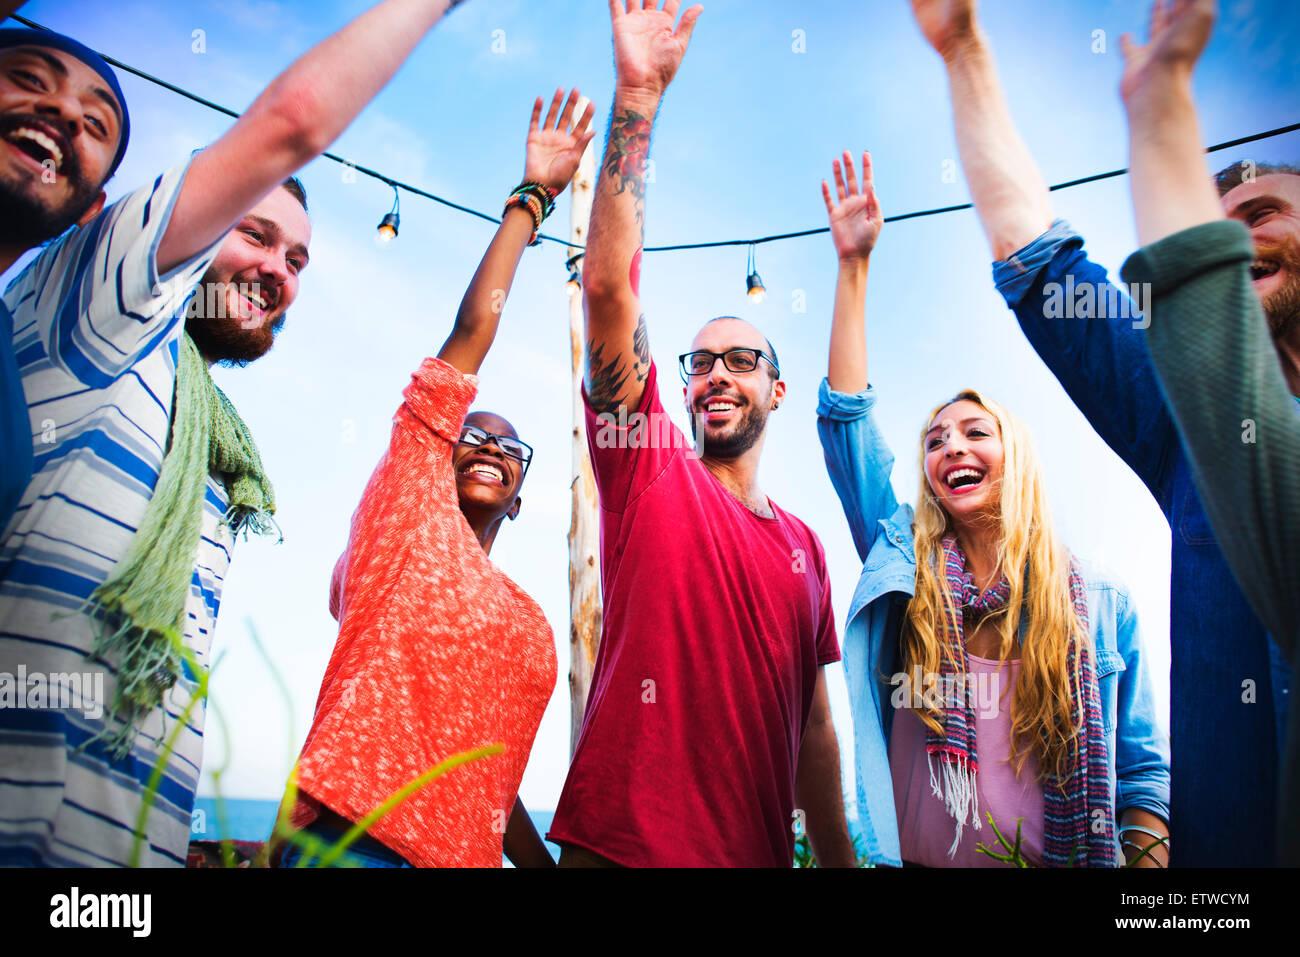 Fiesta en la playa, Cena amistad felicidad Concepto de verano Imagen De Stock